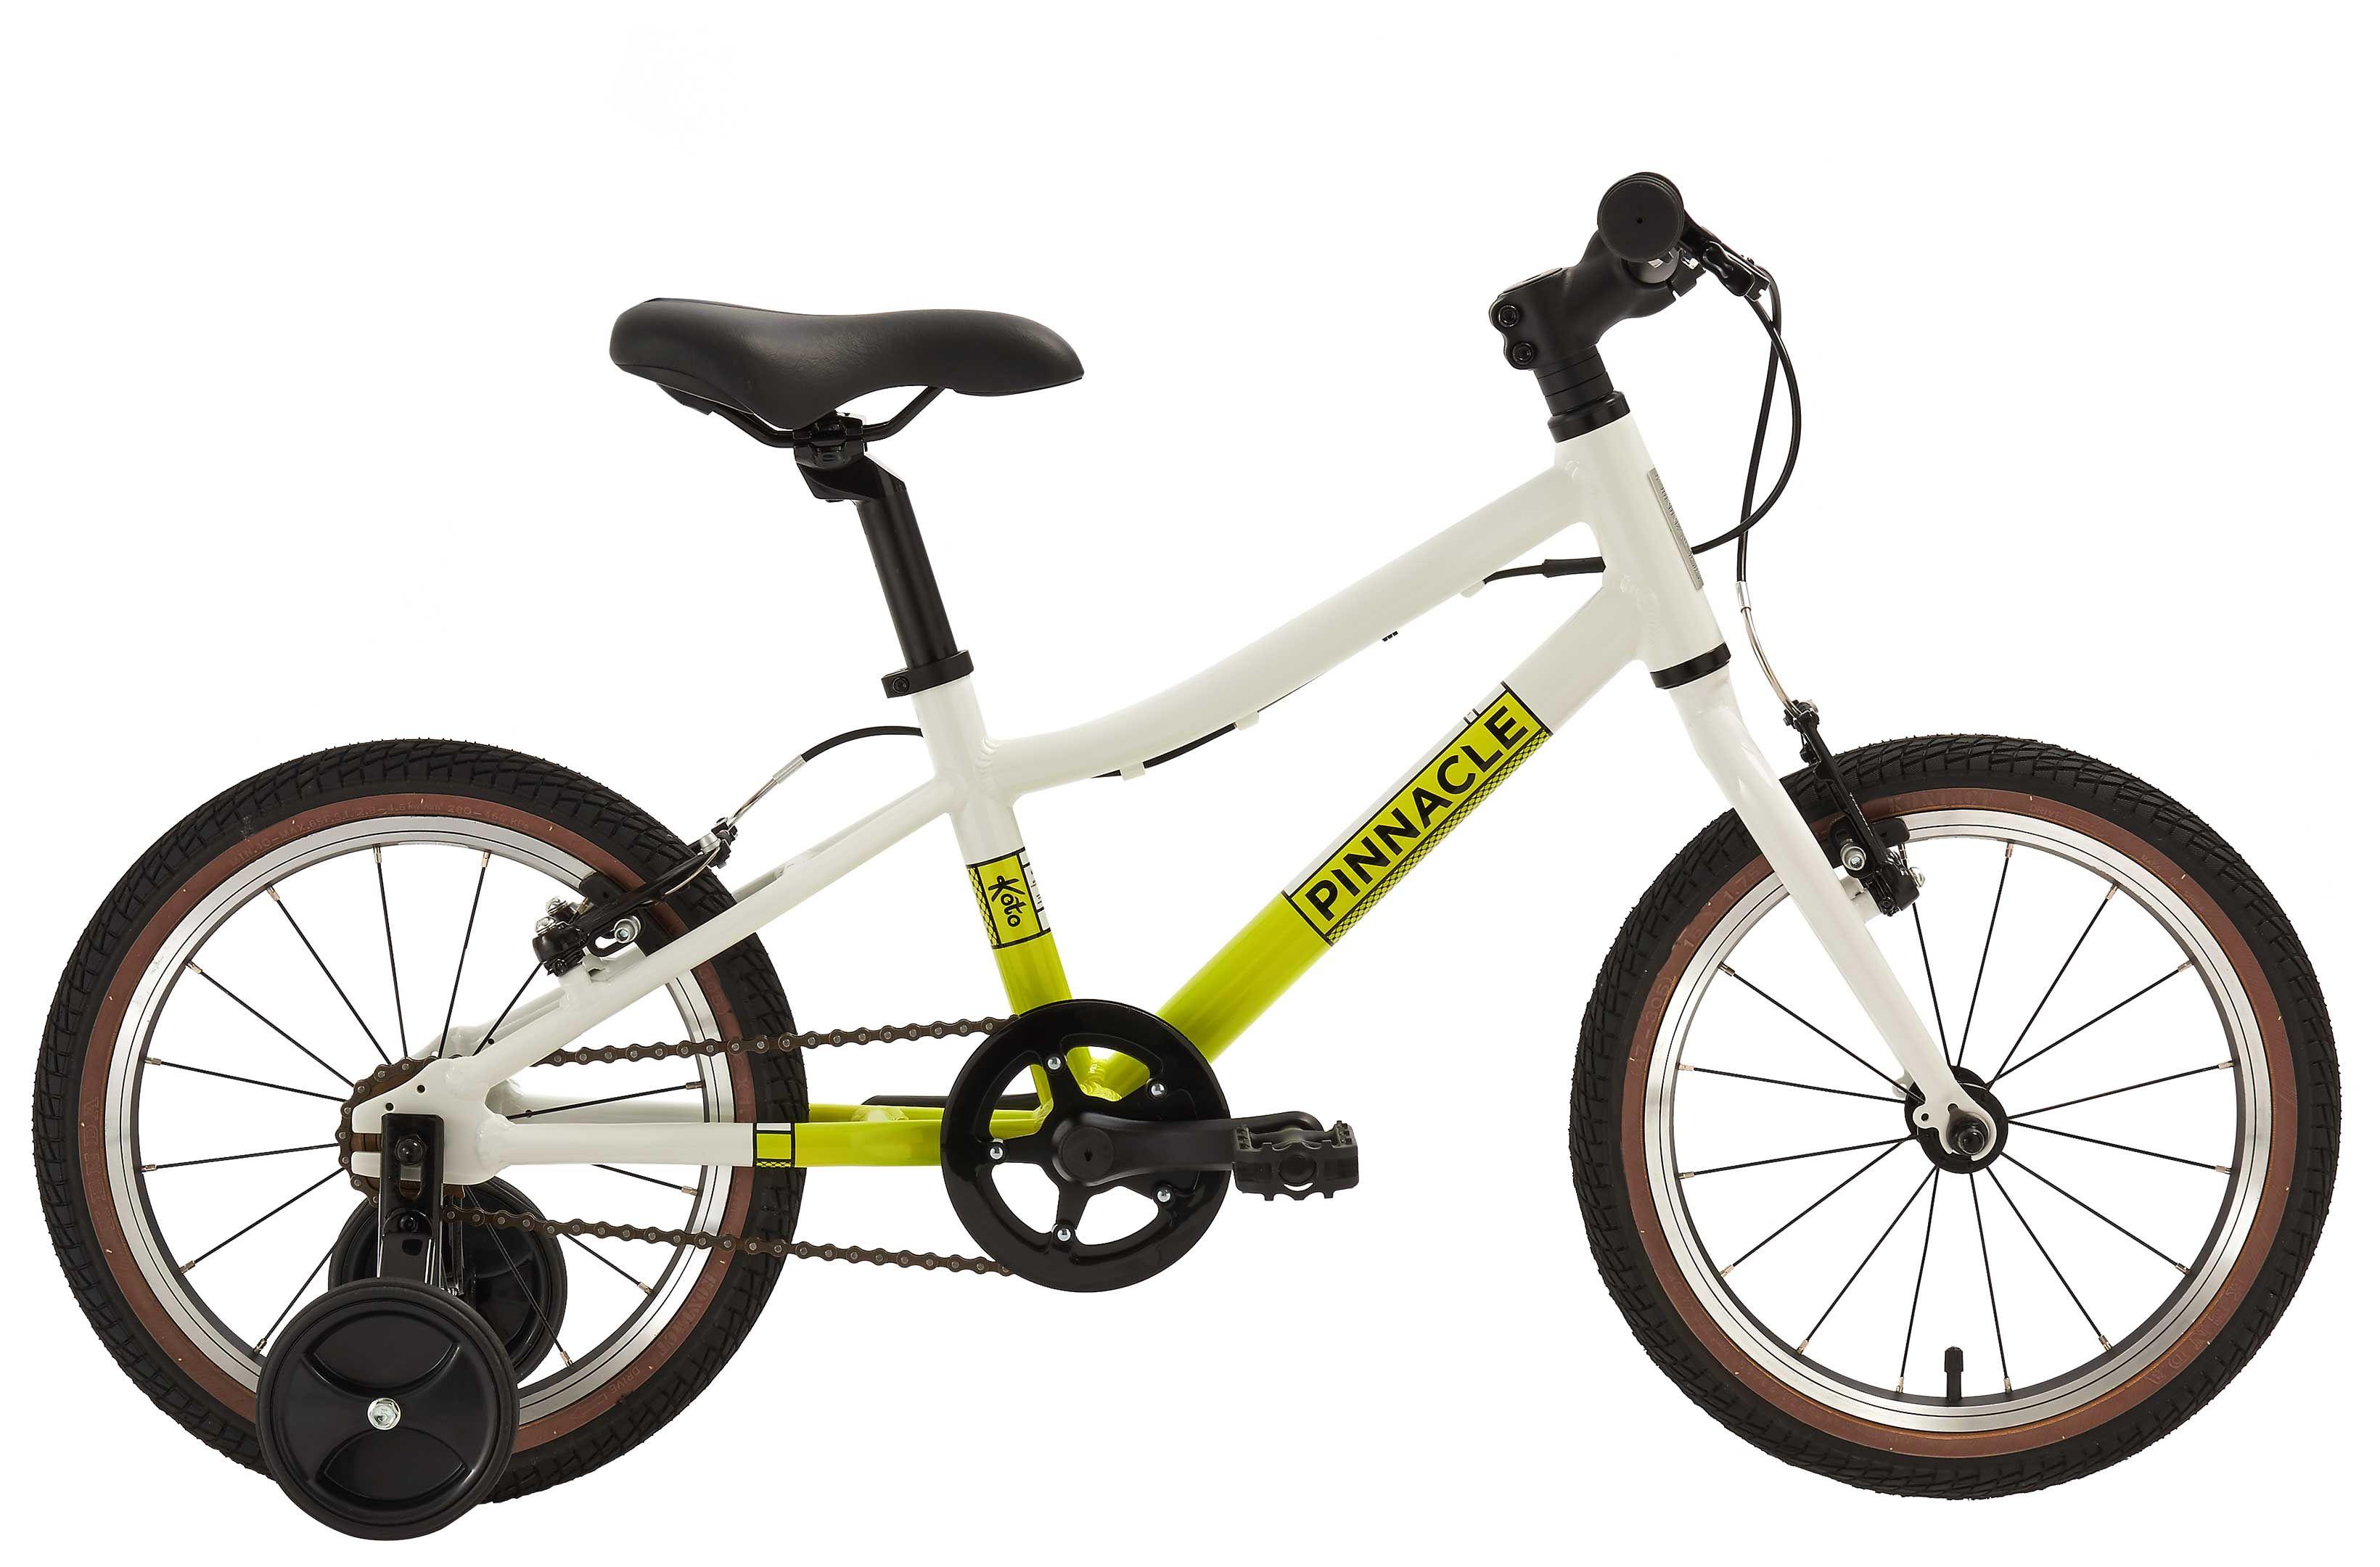 Best Bike Accessories 2020 Pinnacle Koto 16 Inch 2020 Kids Bike | Ellie 5th birthday | Kids